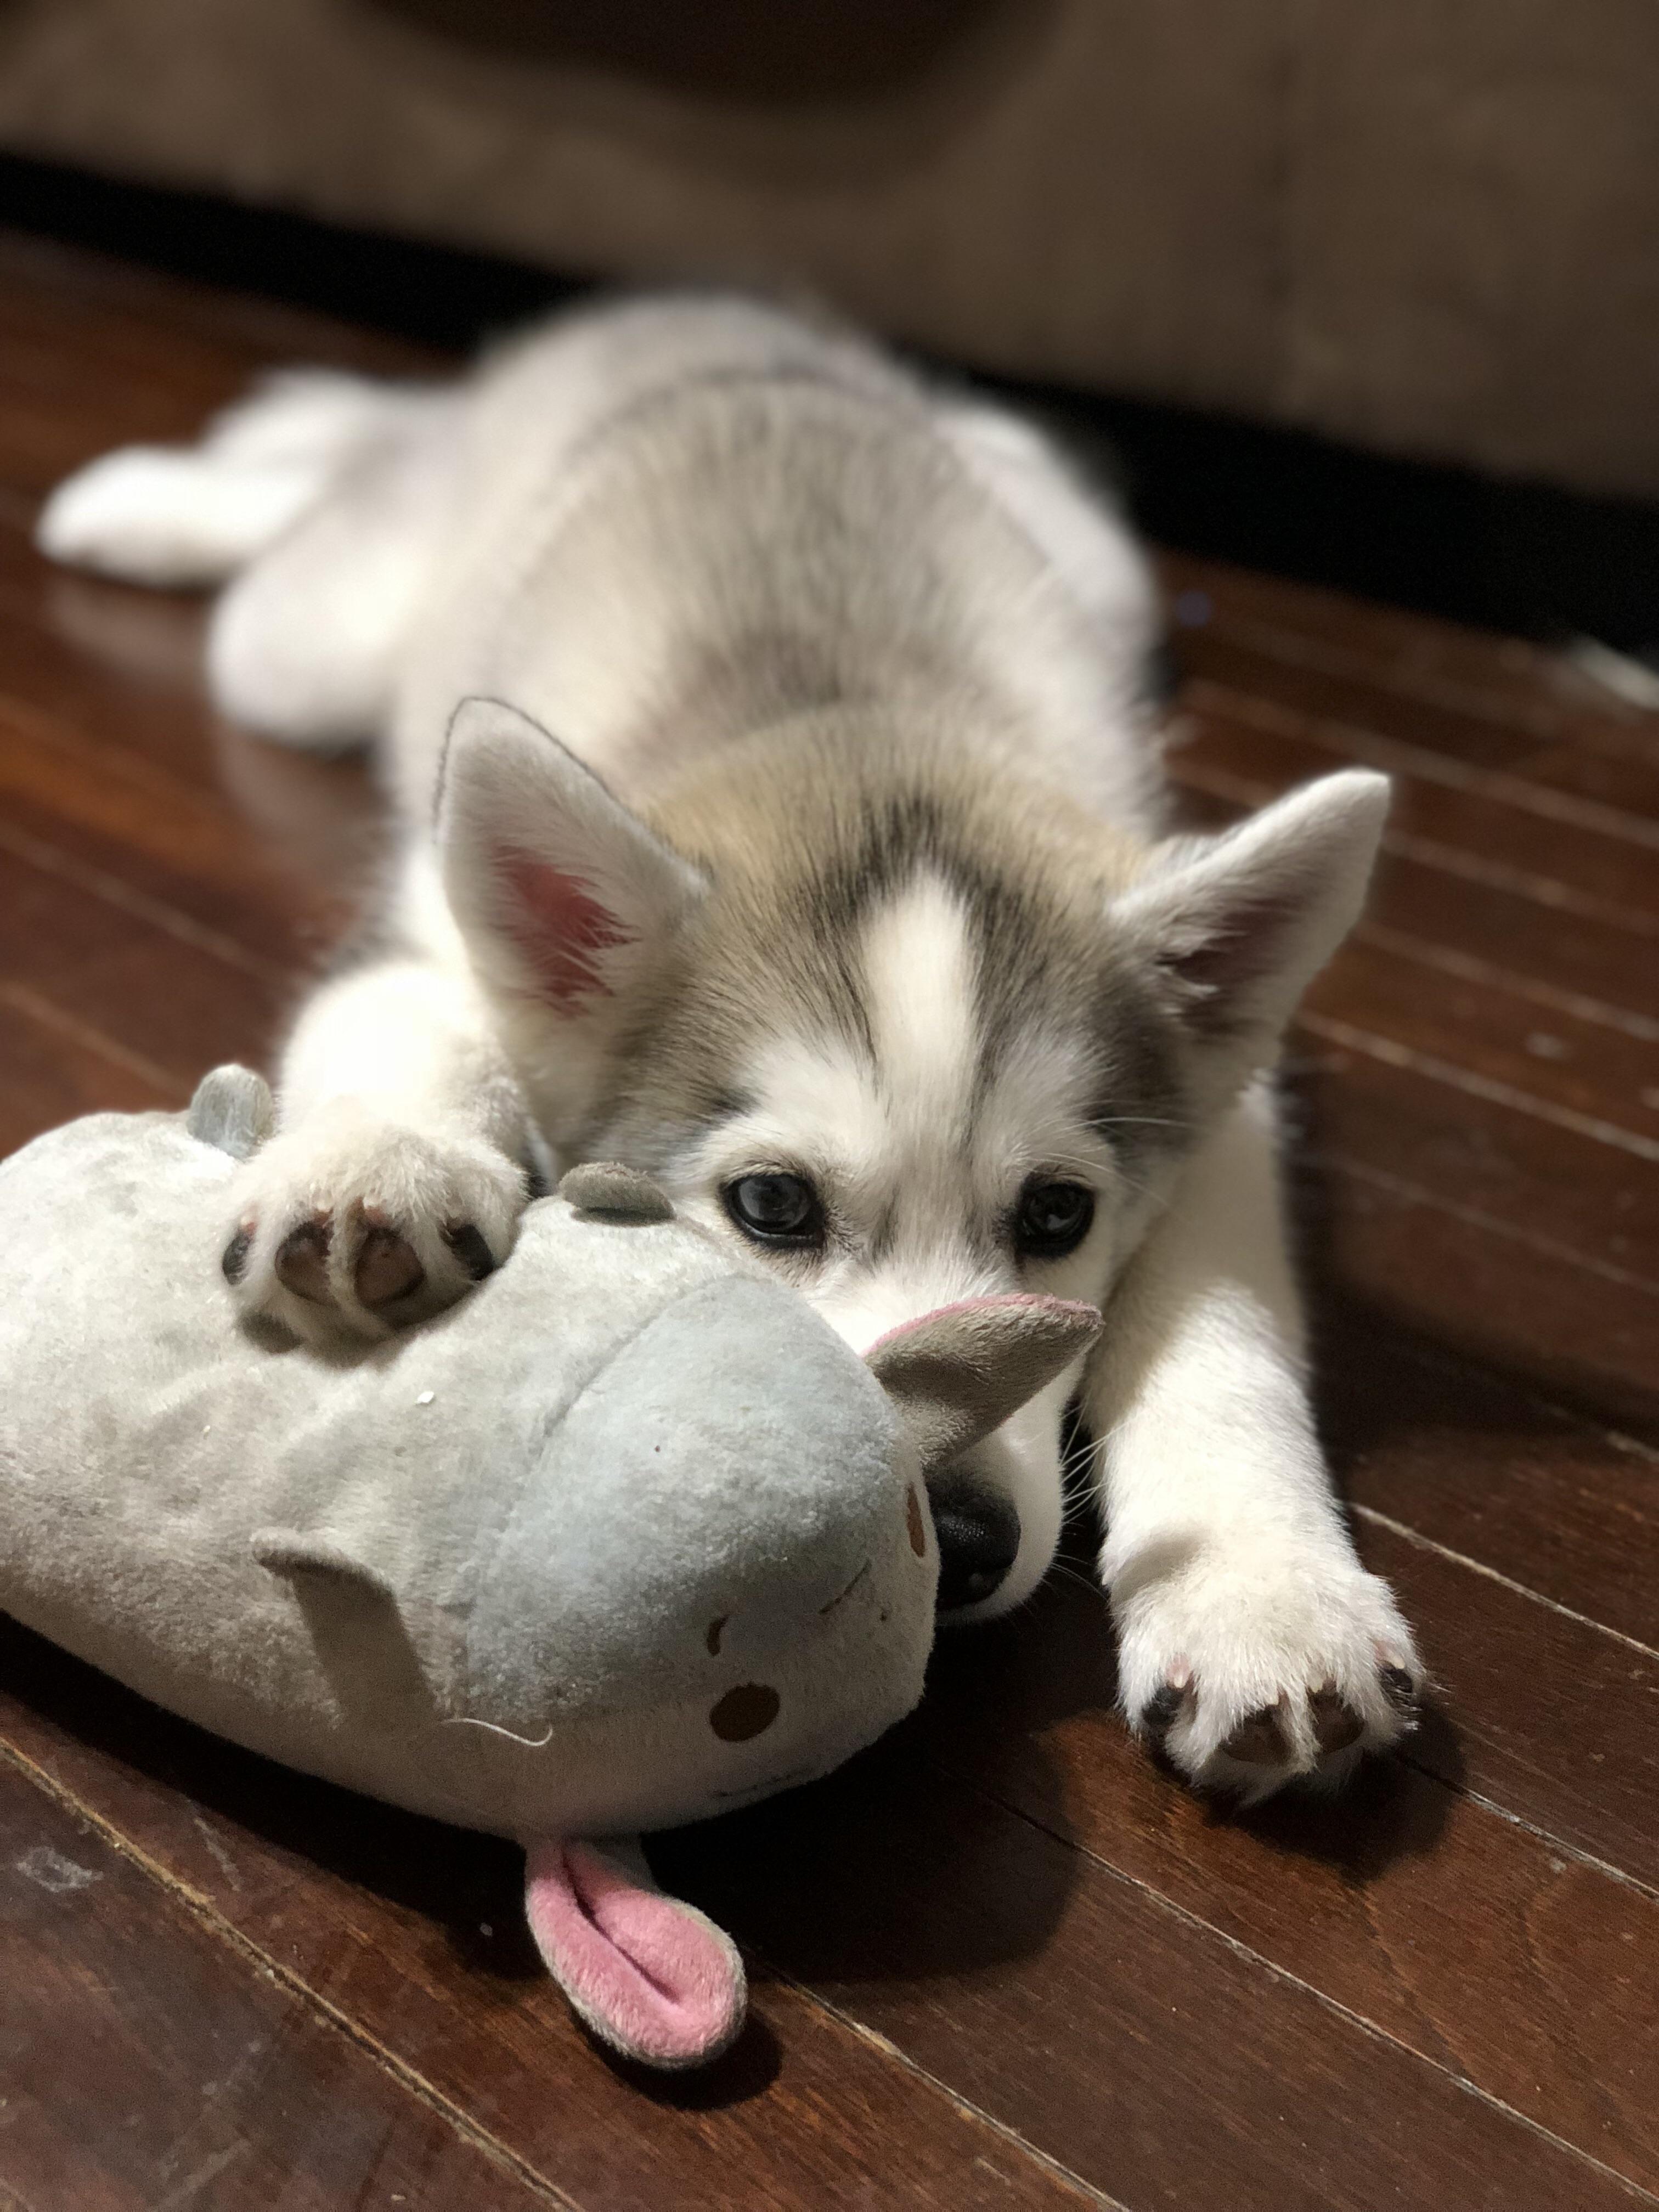 Reddit Meet My Husky Puppy Daisy We Own Dis Now Http Ift Tt